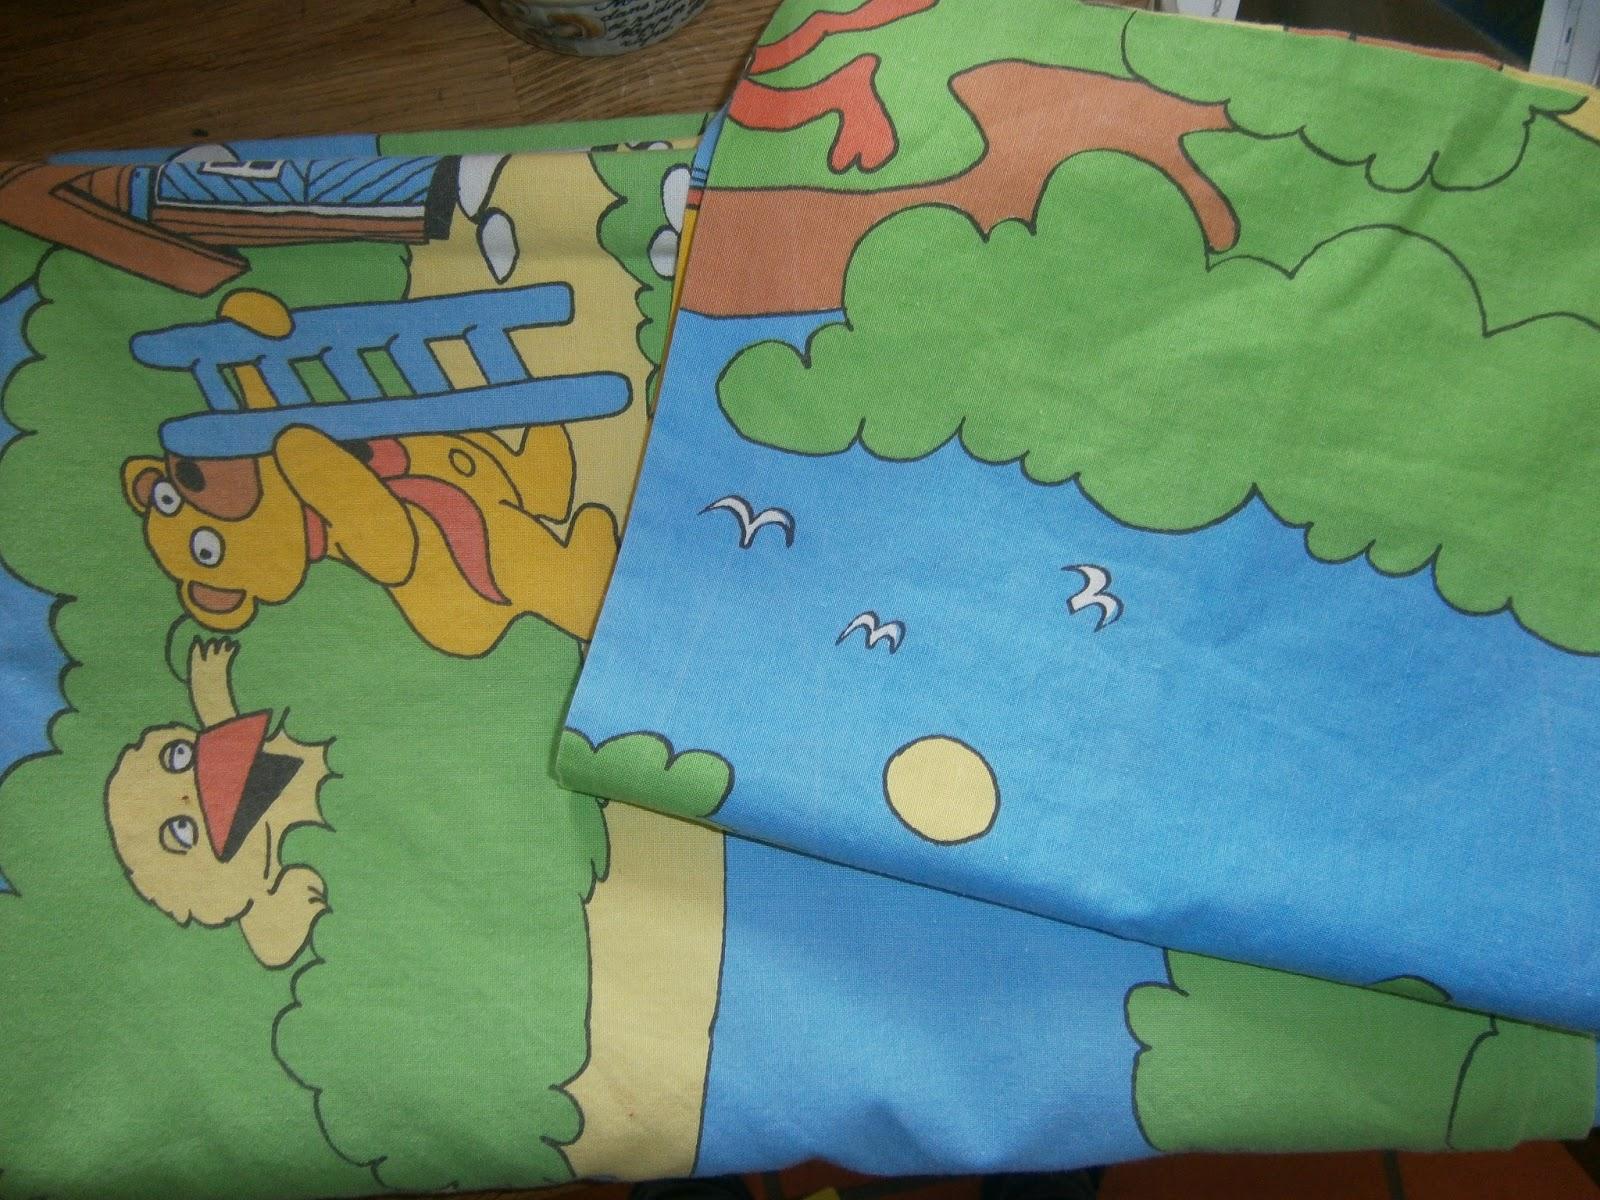 d5cbaa8a806 ... bamse og kylling sengetøj - http://4.bp.blogspot.com ...